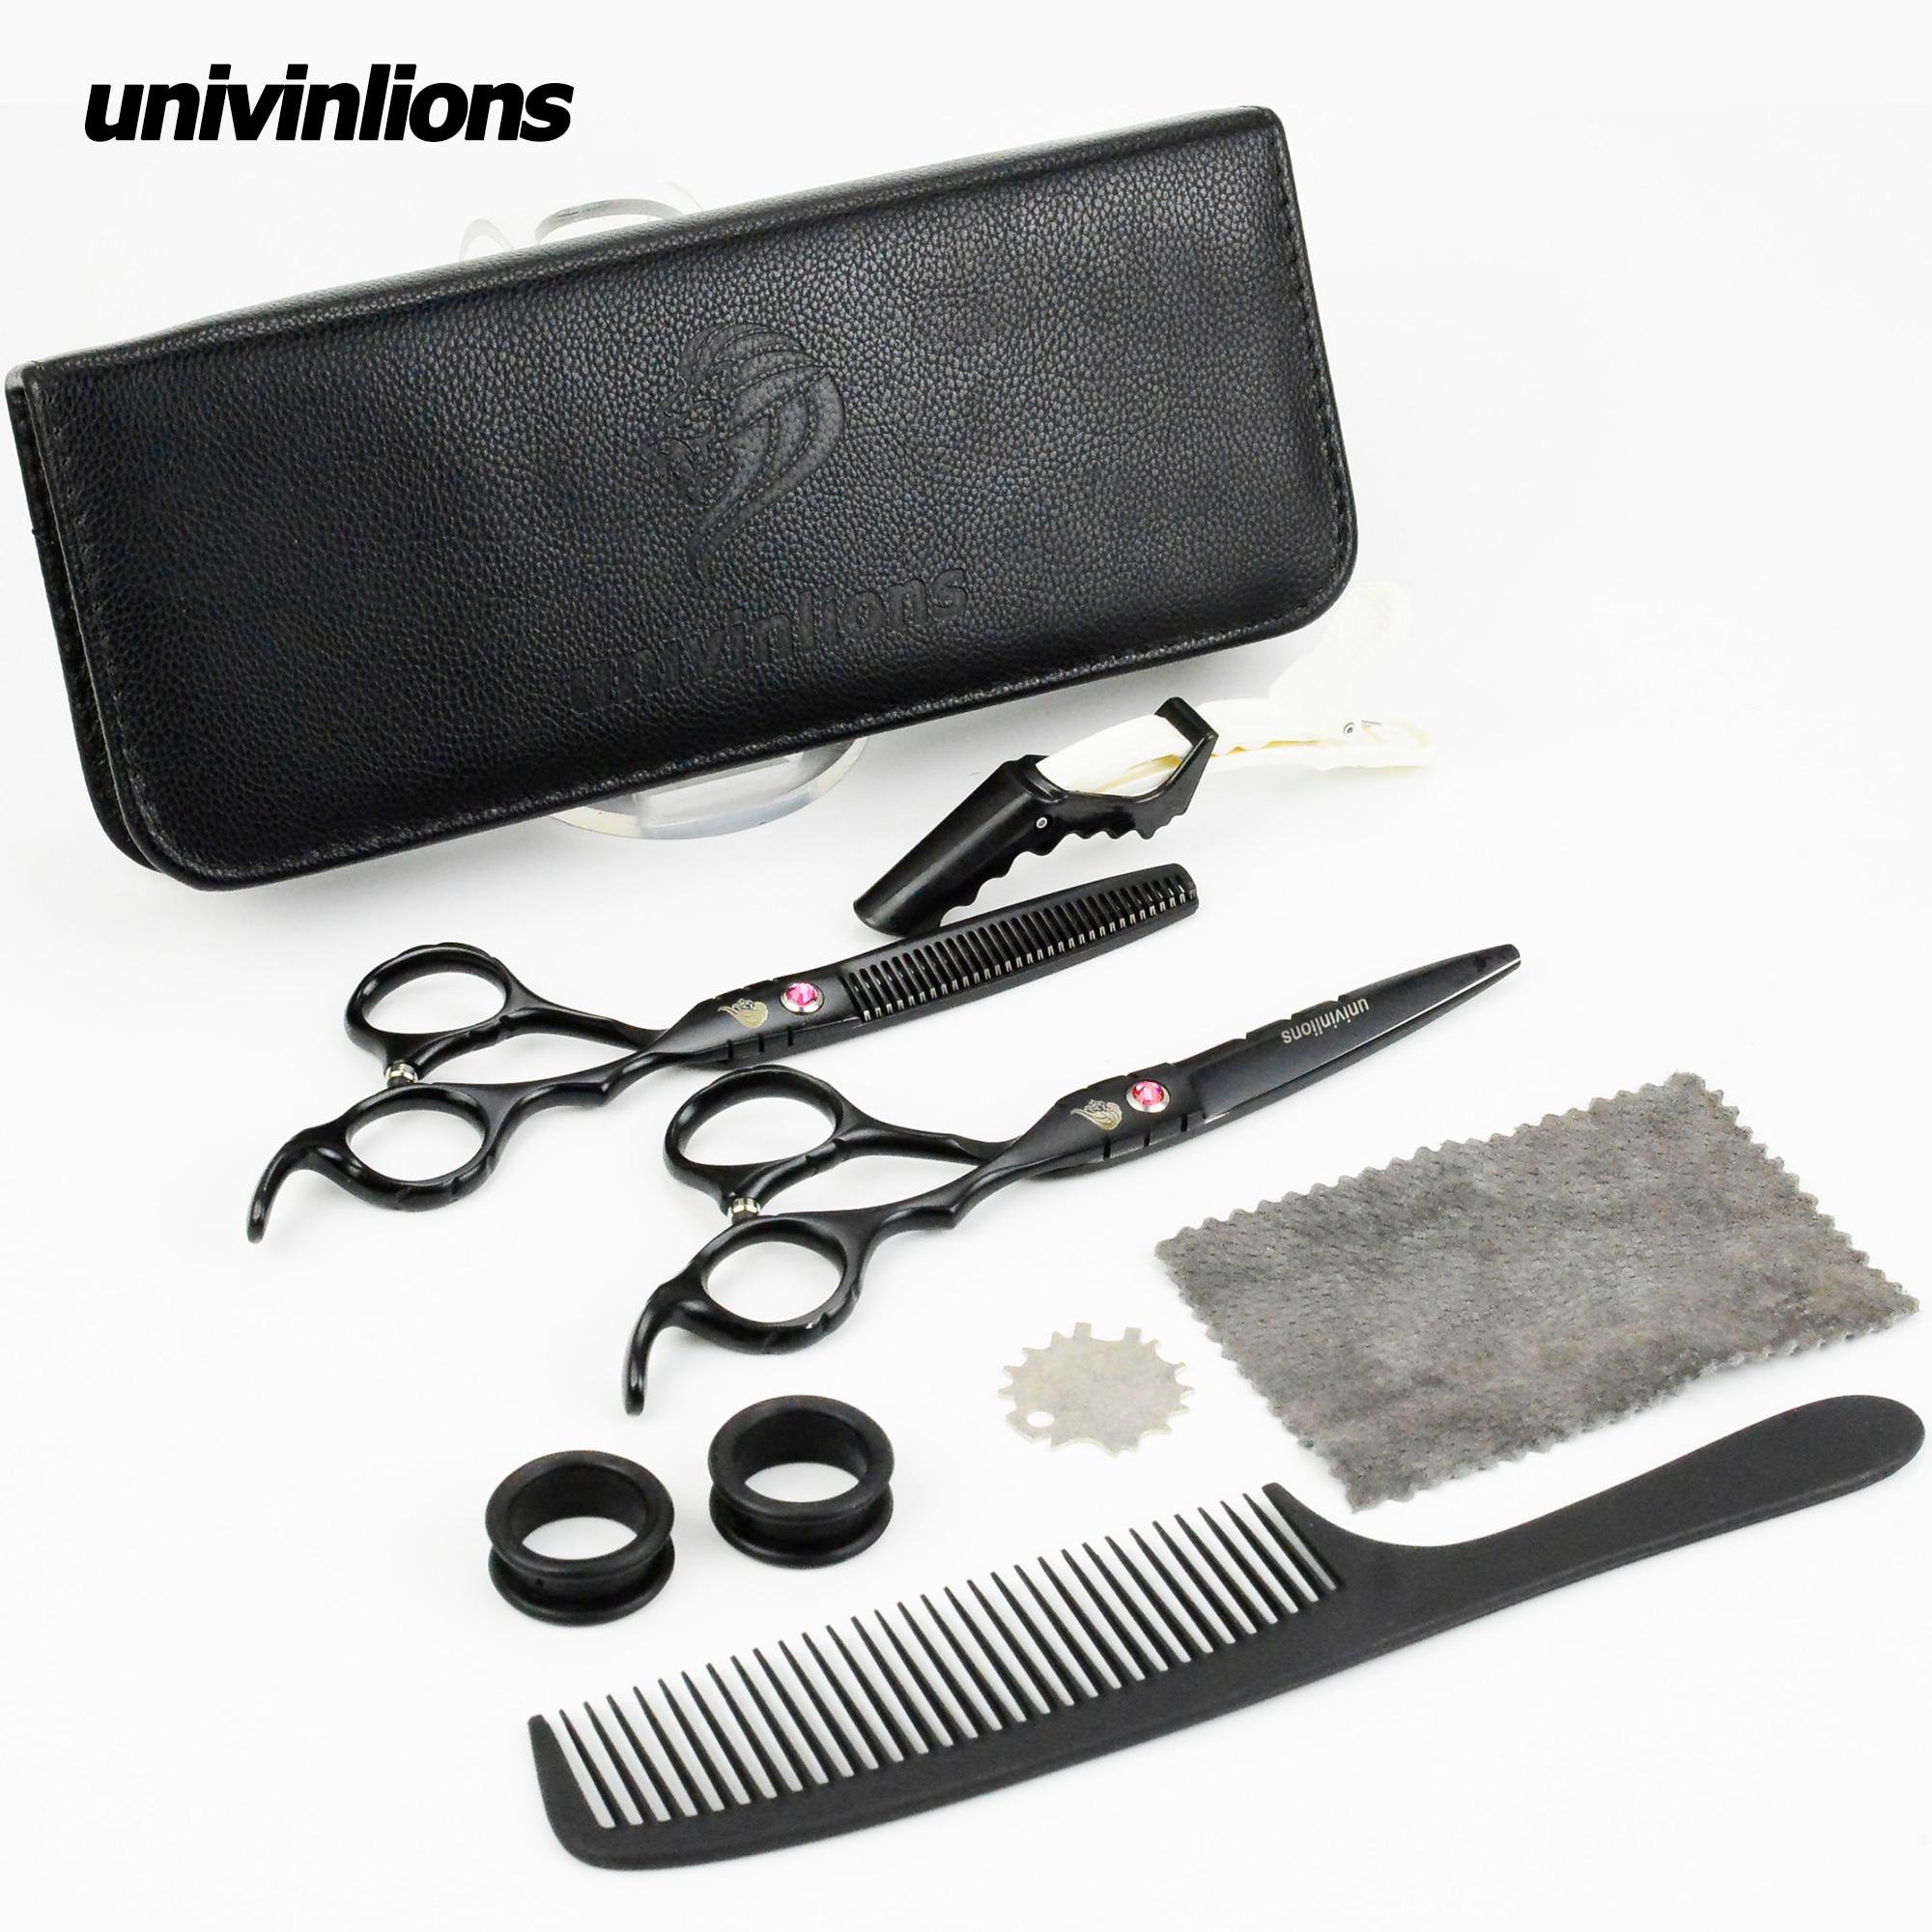 """Univinlions 6 """"japonês tesoura de cabelo barbeiro tesoura cabeleireiro navalha tesoura profissional corte cabelo fino tesouras"""